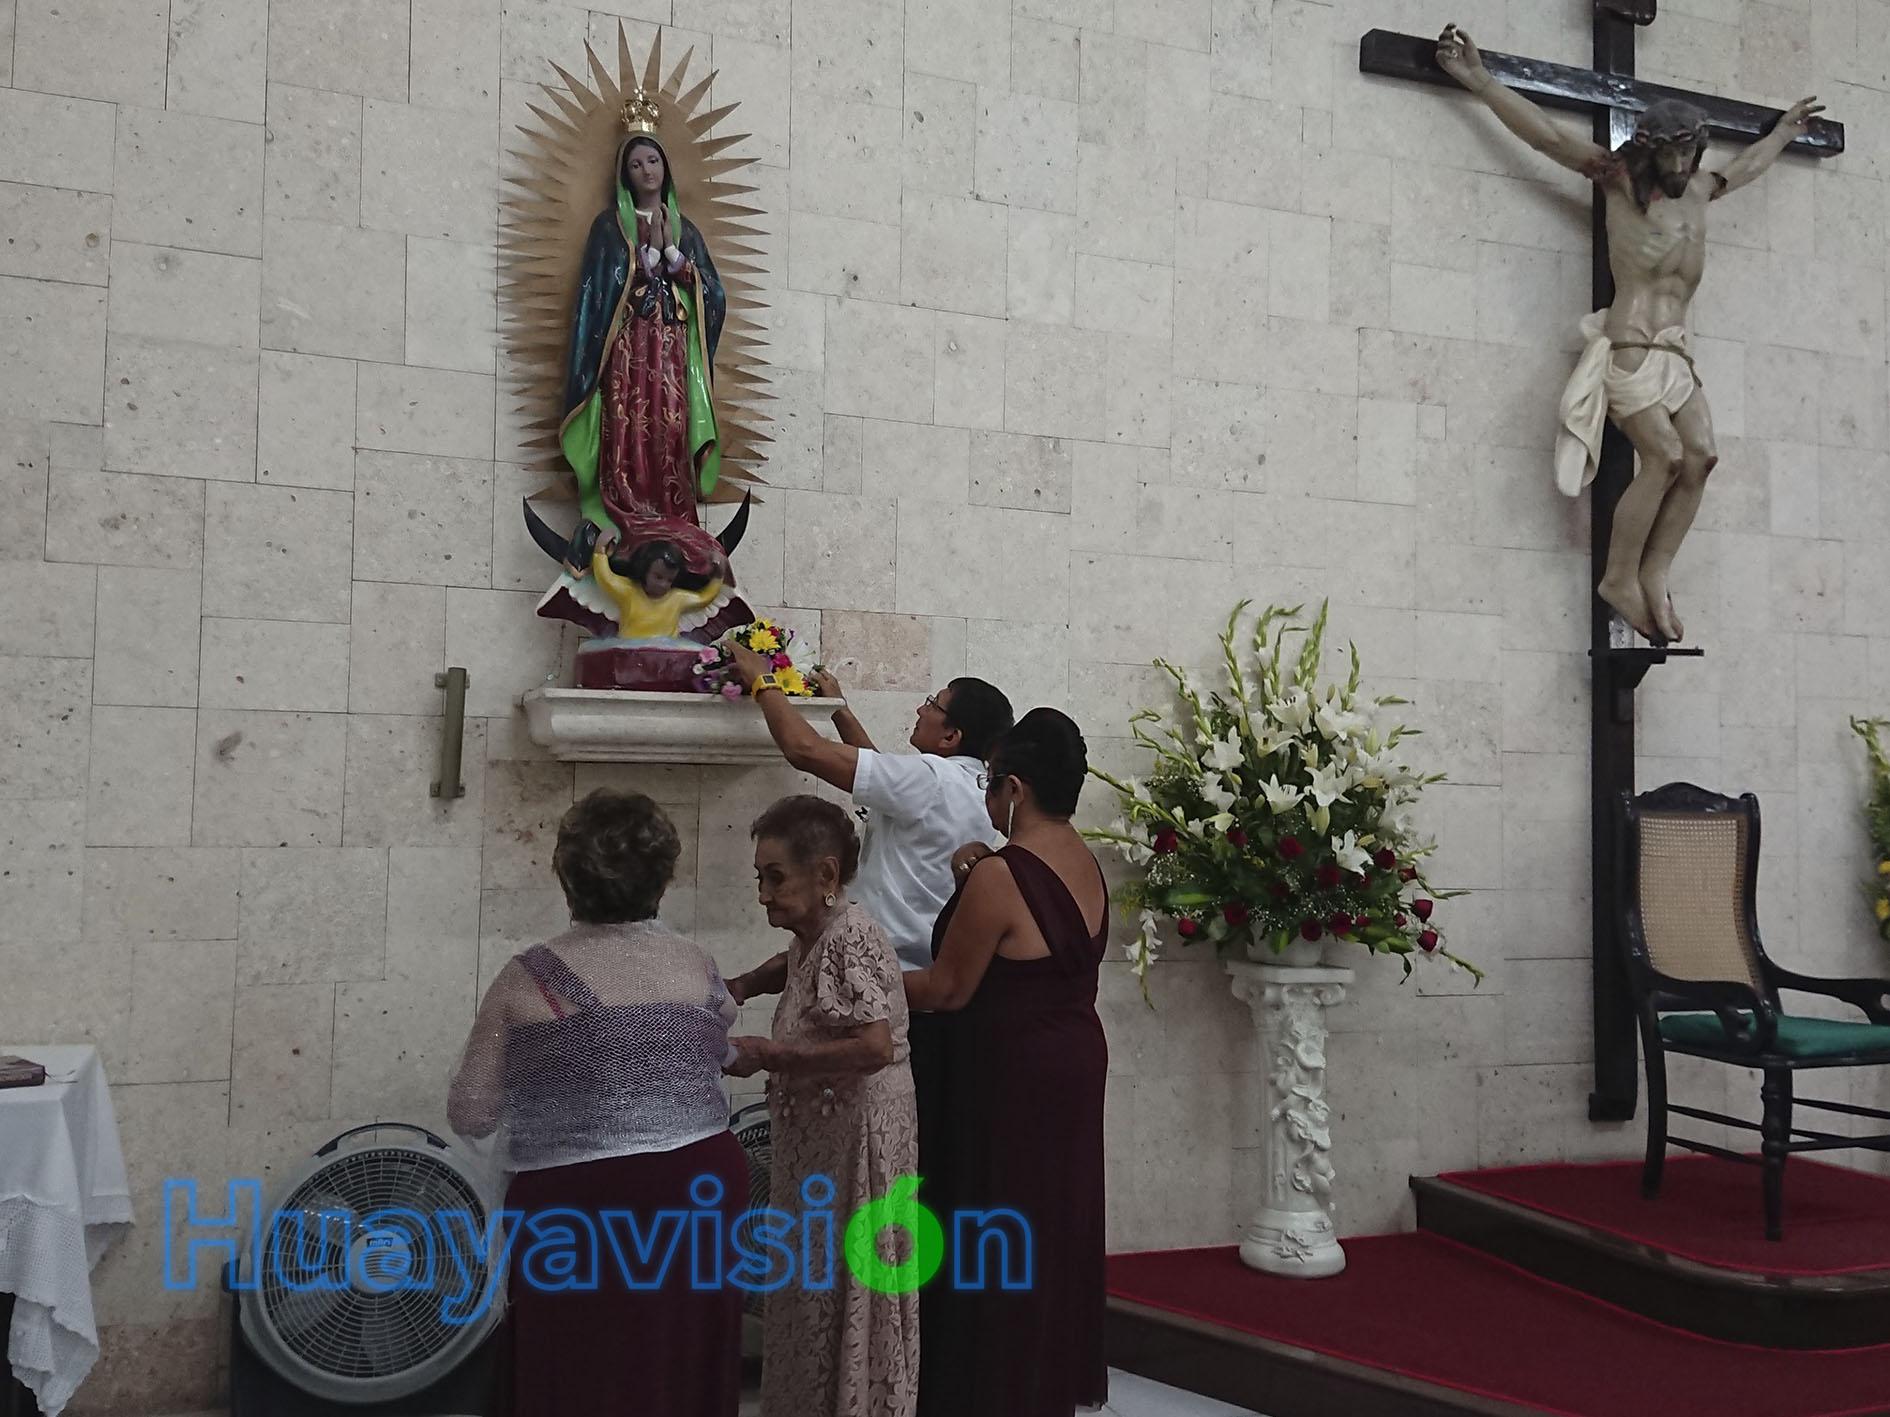 Con un ramo de flores, doña Amalia agradeció el don de la vida a la Virgen de Guadalupe